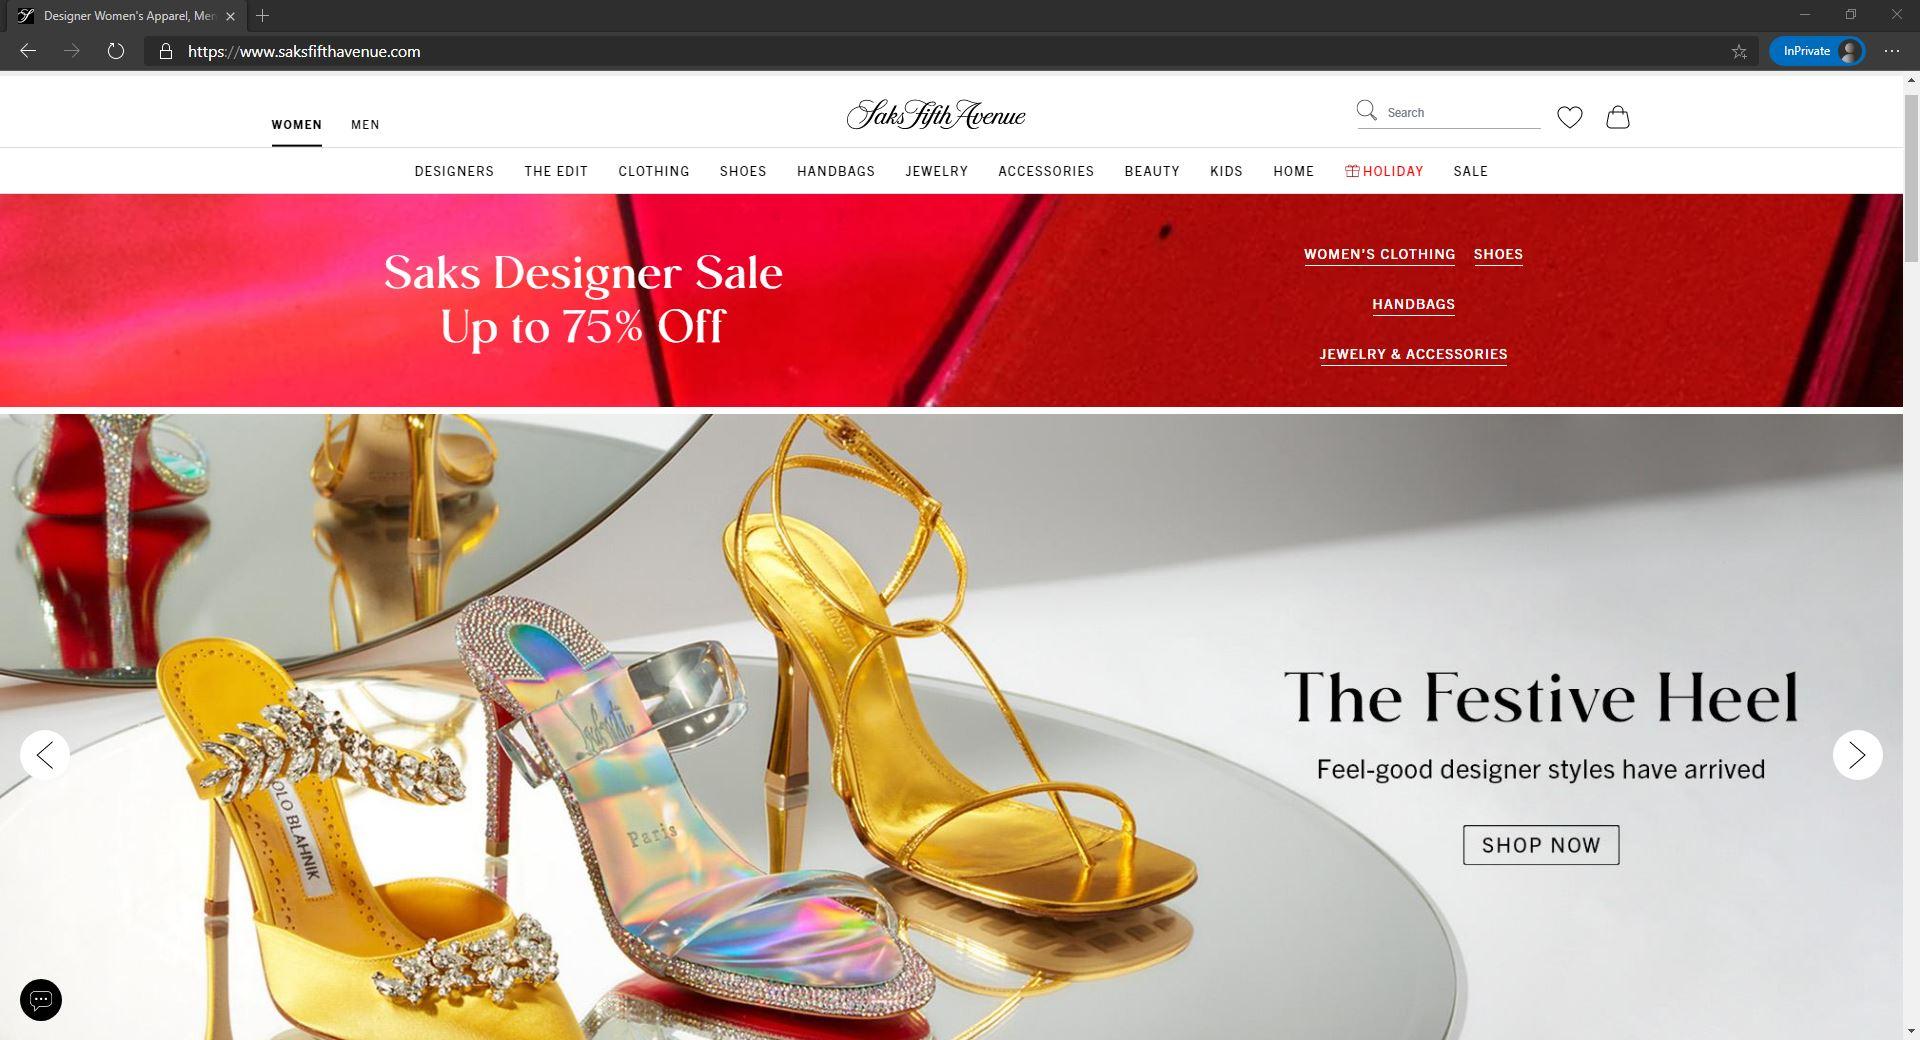 Saks Fifth Avenue website homepage